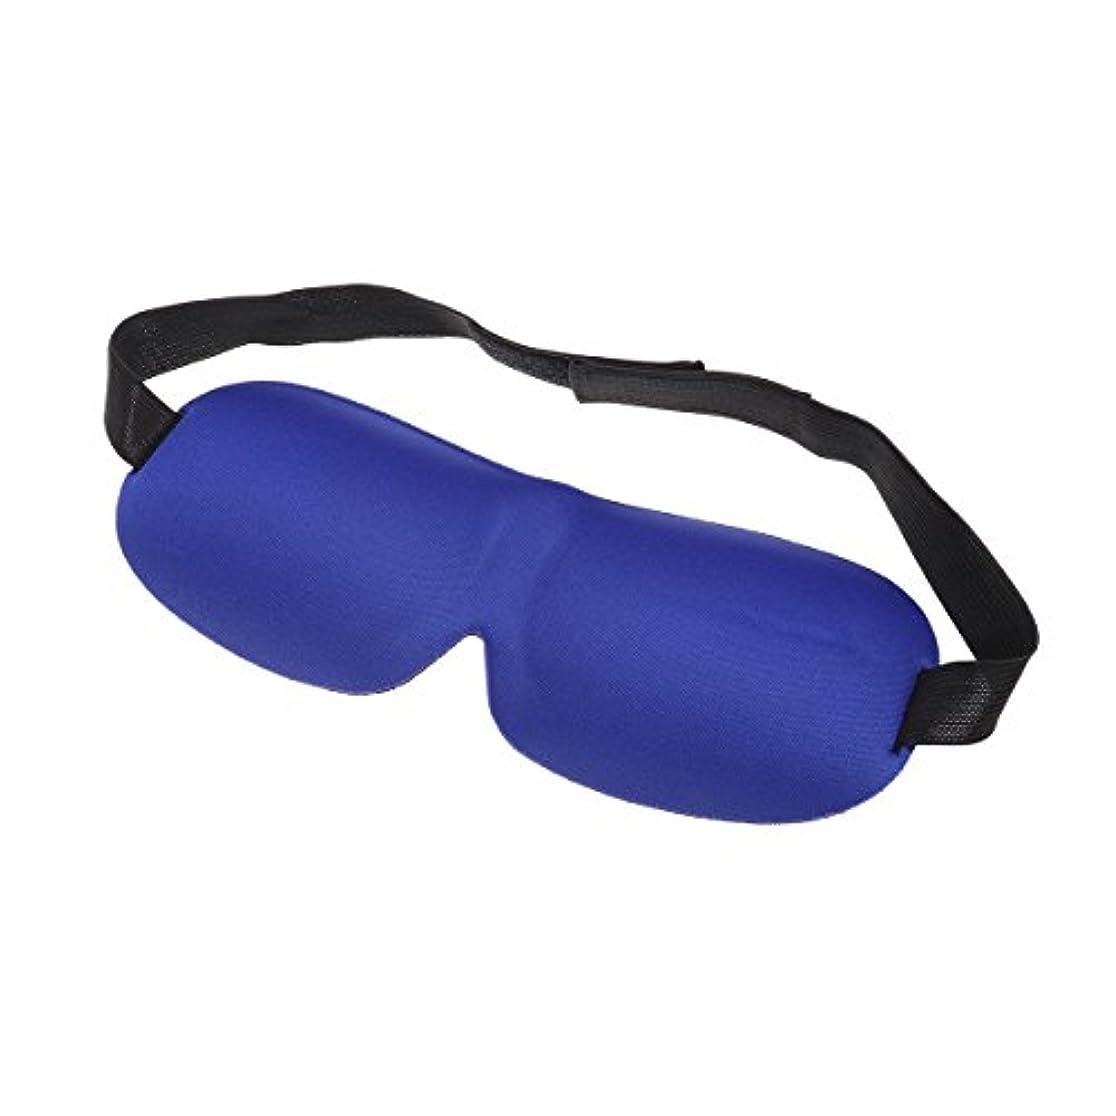 つづり盲目ダーベビルのテスROSENICE アイマスク 遮光 睡眠 軽量 目隠し 圧迫感なし 調節可能 3D睡眠マスク(ブルー)